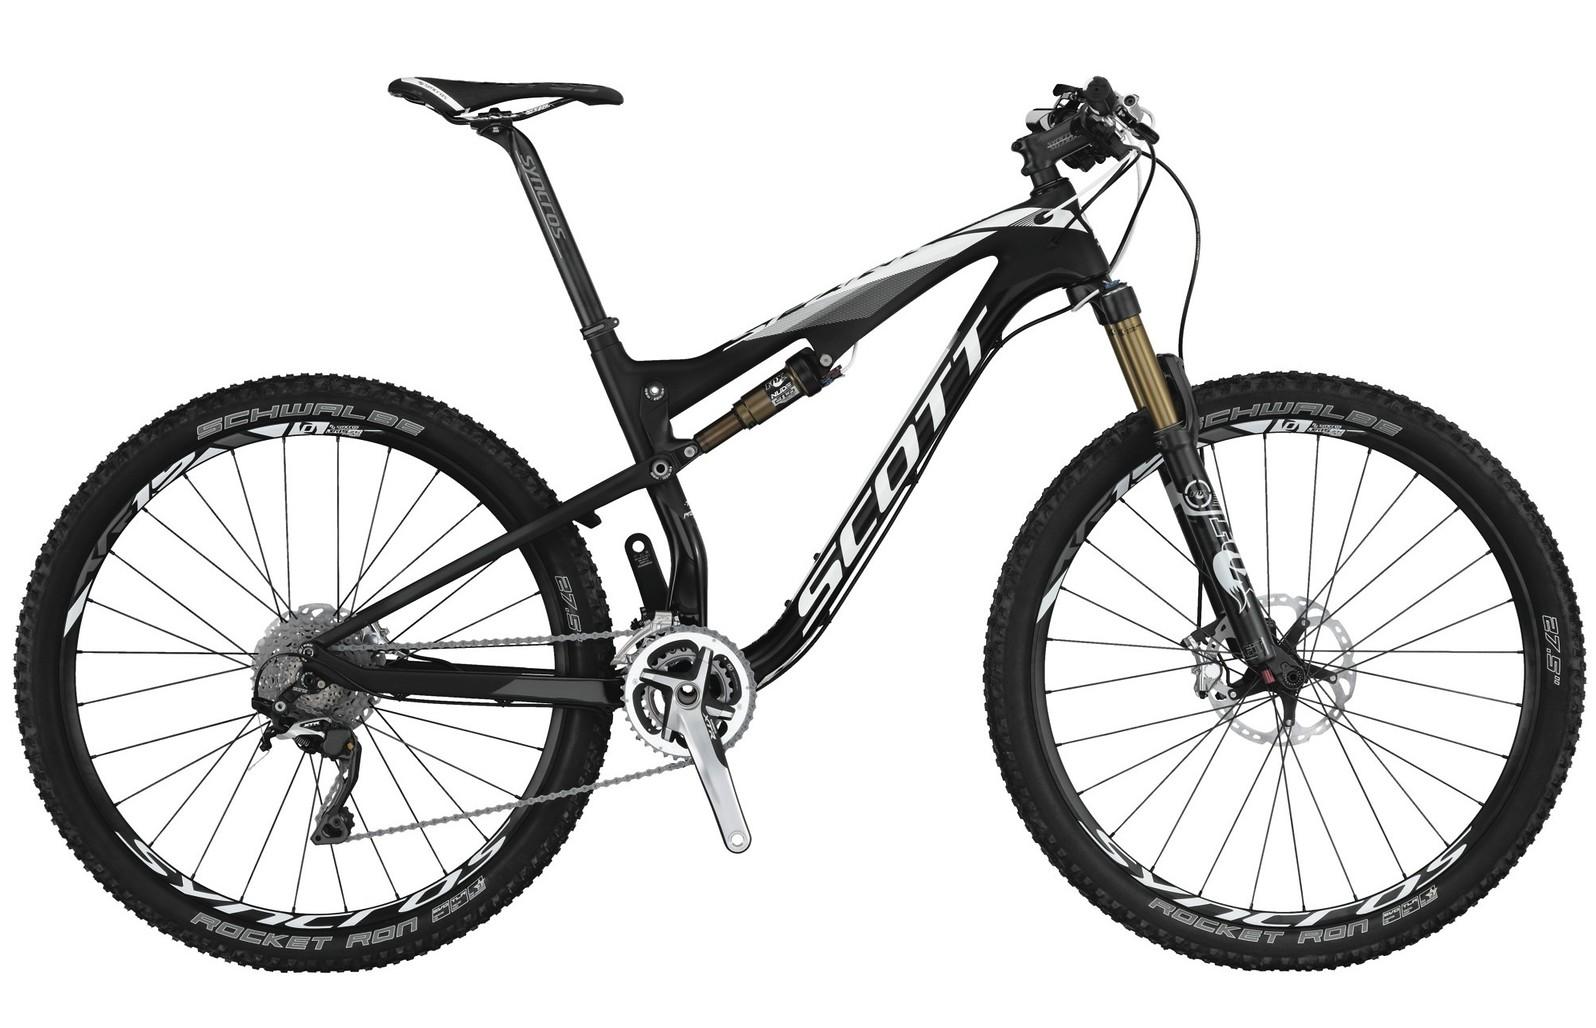 SCOTT Spark 700 Premium Bike